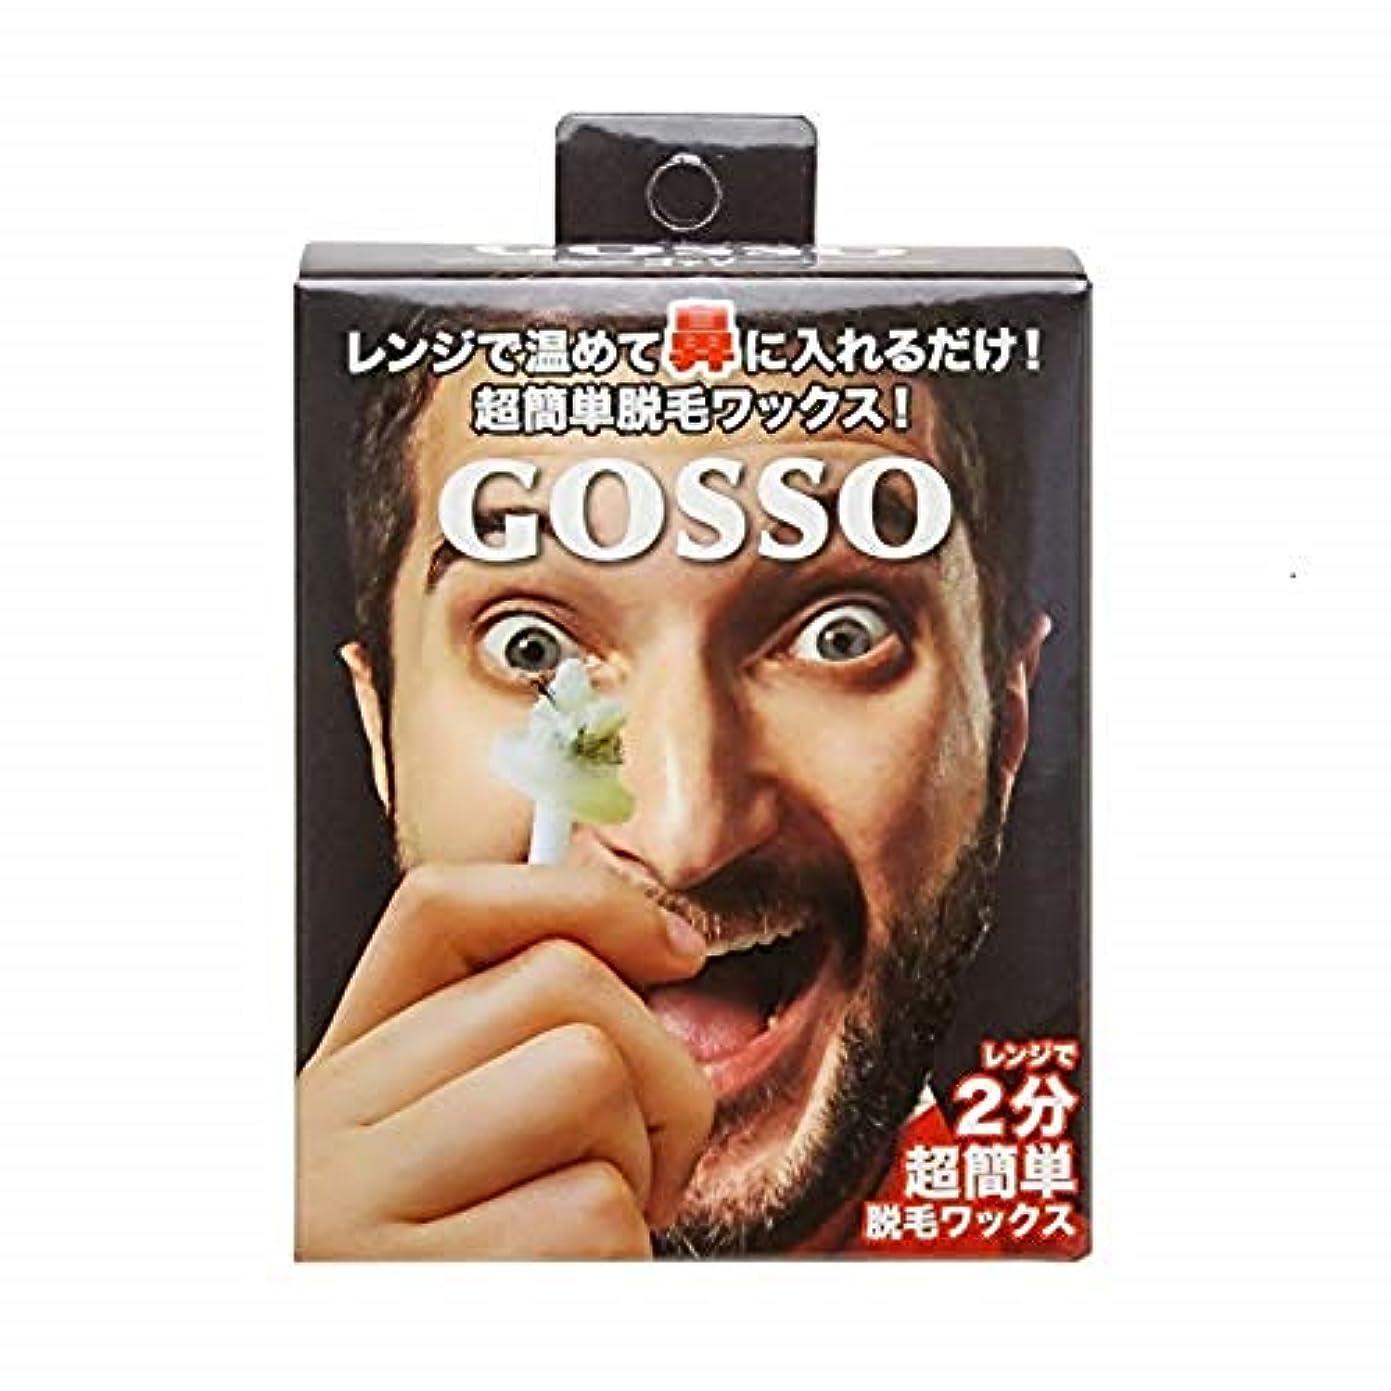 合成警戒簡単なGOSSO ゴッソ (ブラジリアンワックス鼻毛脱毛セット) (セット, 1個)